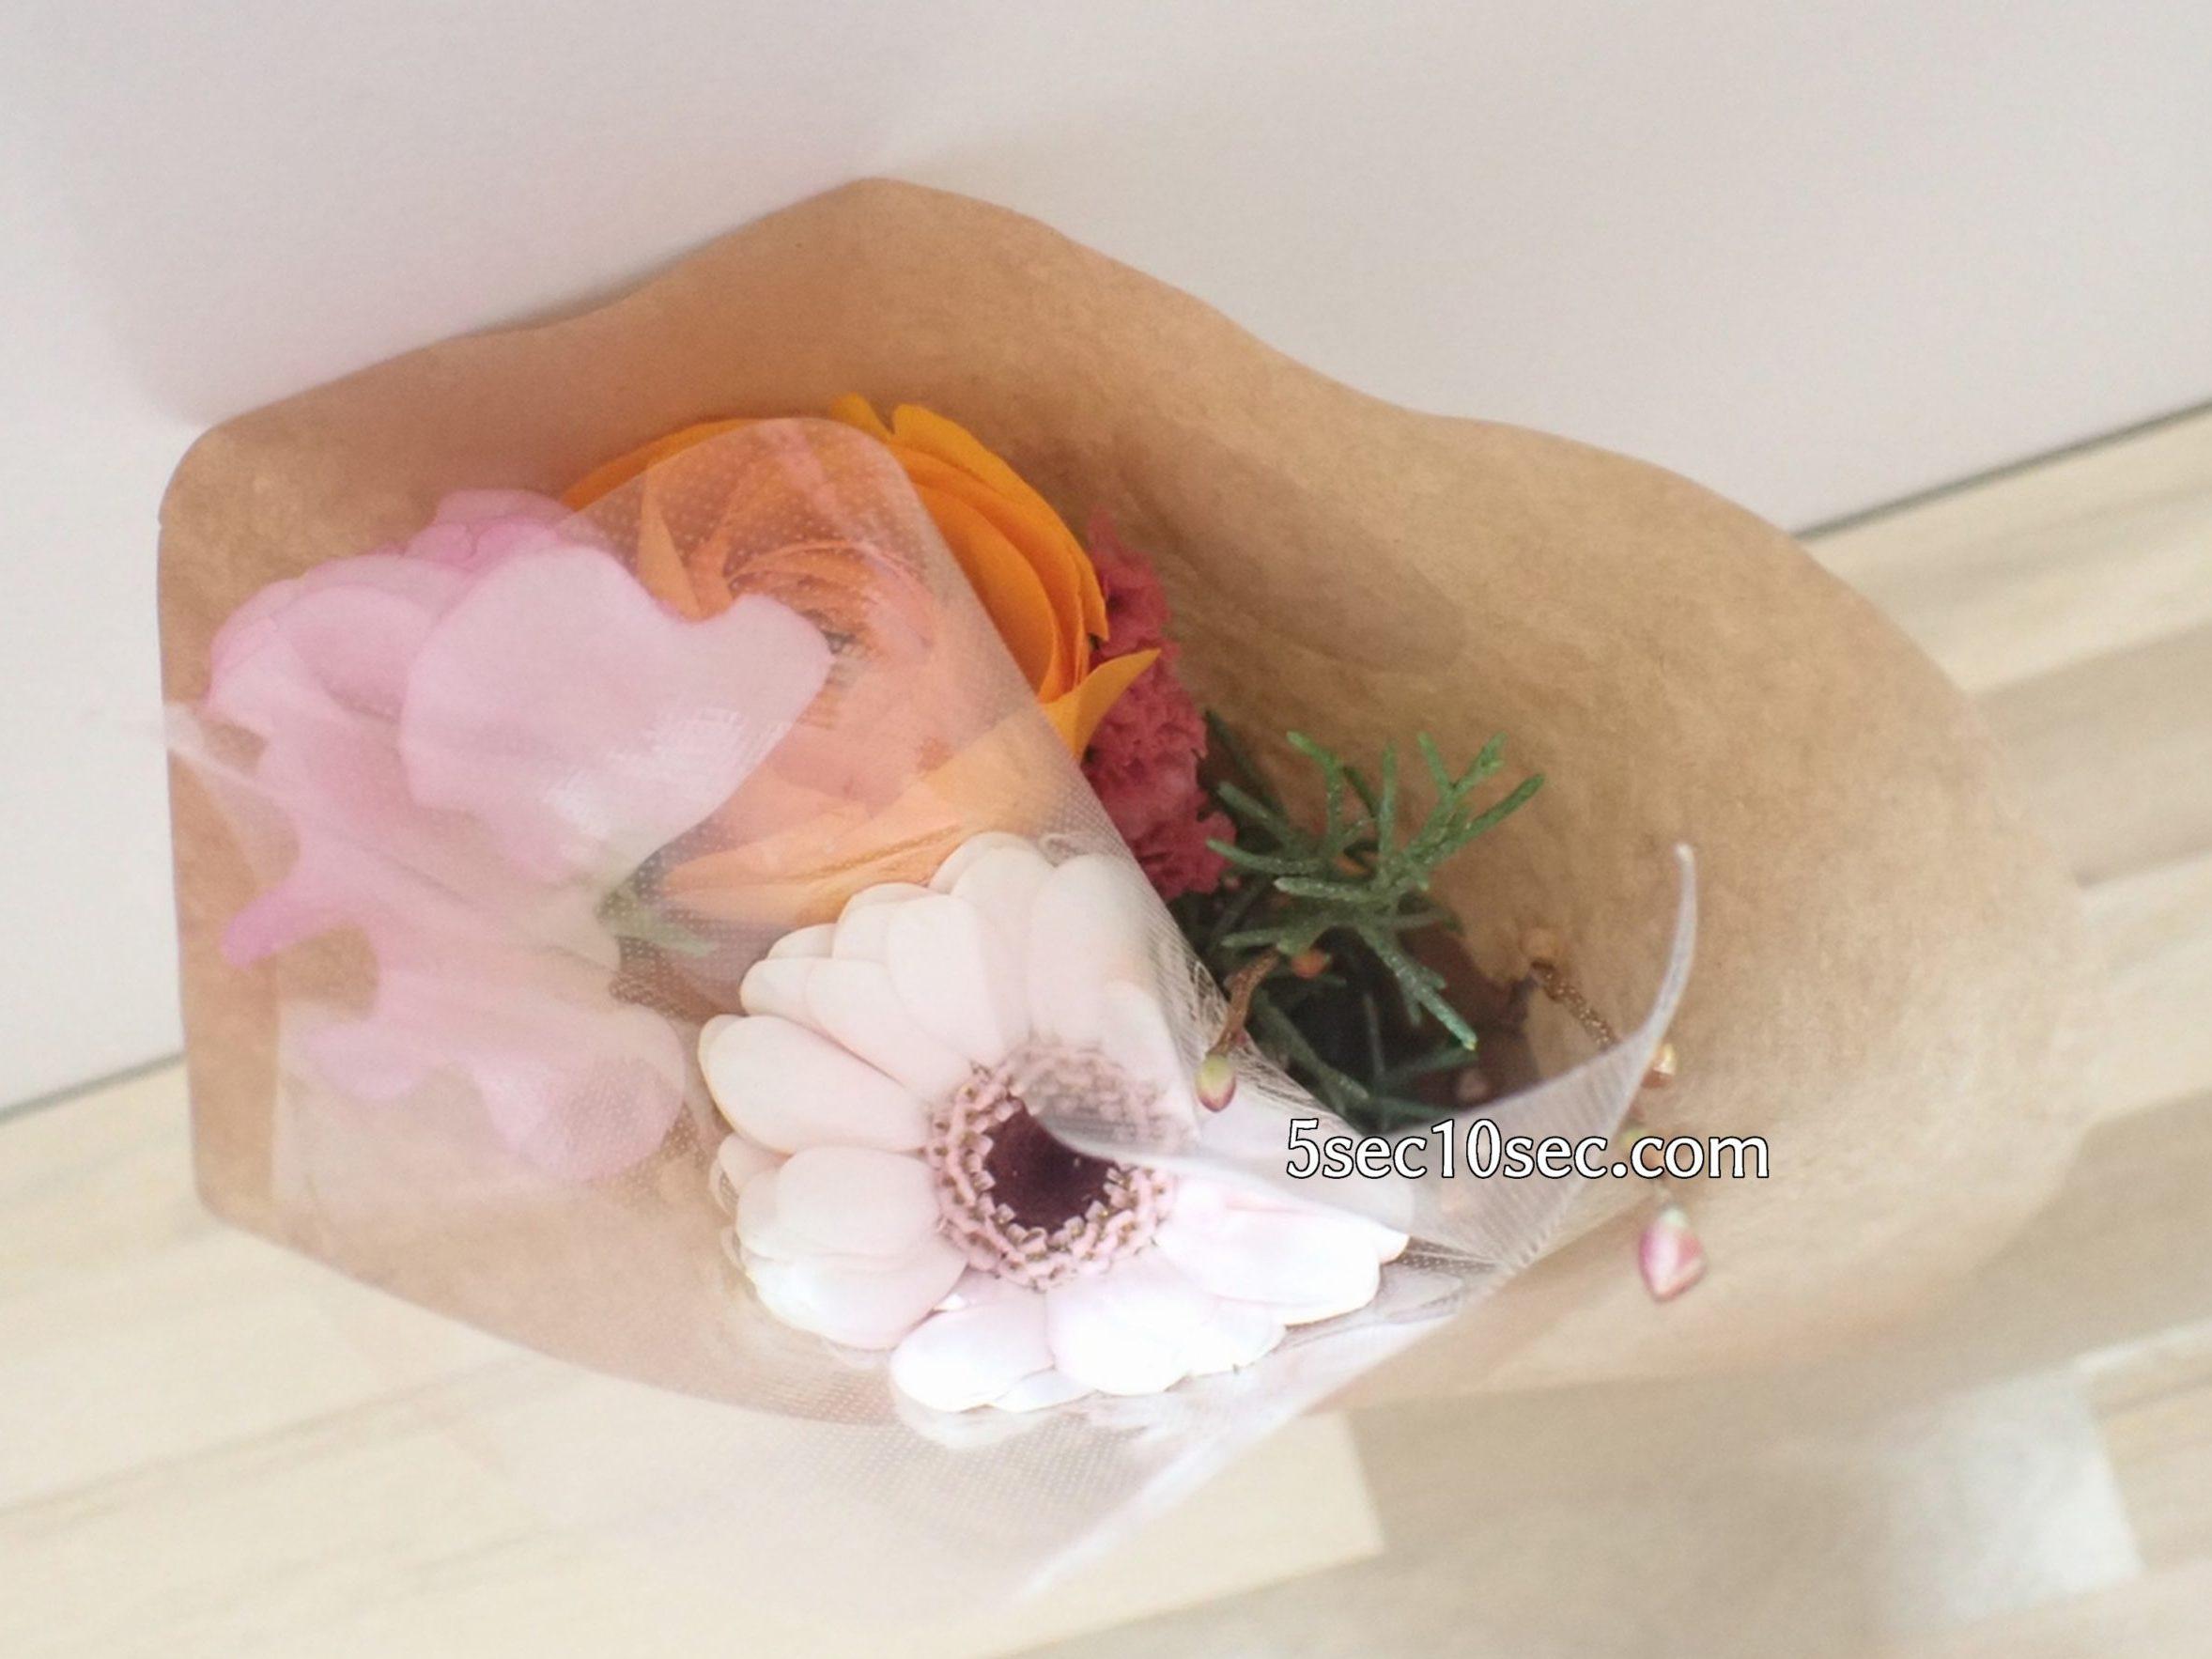 株式会社Crunch Style お花の定期便 Bloomee LIFE ブルーミーライフ レギュラープラン お花屋さんのアレンジの状態の写真